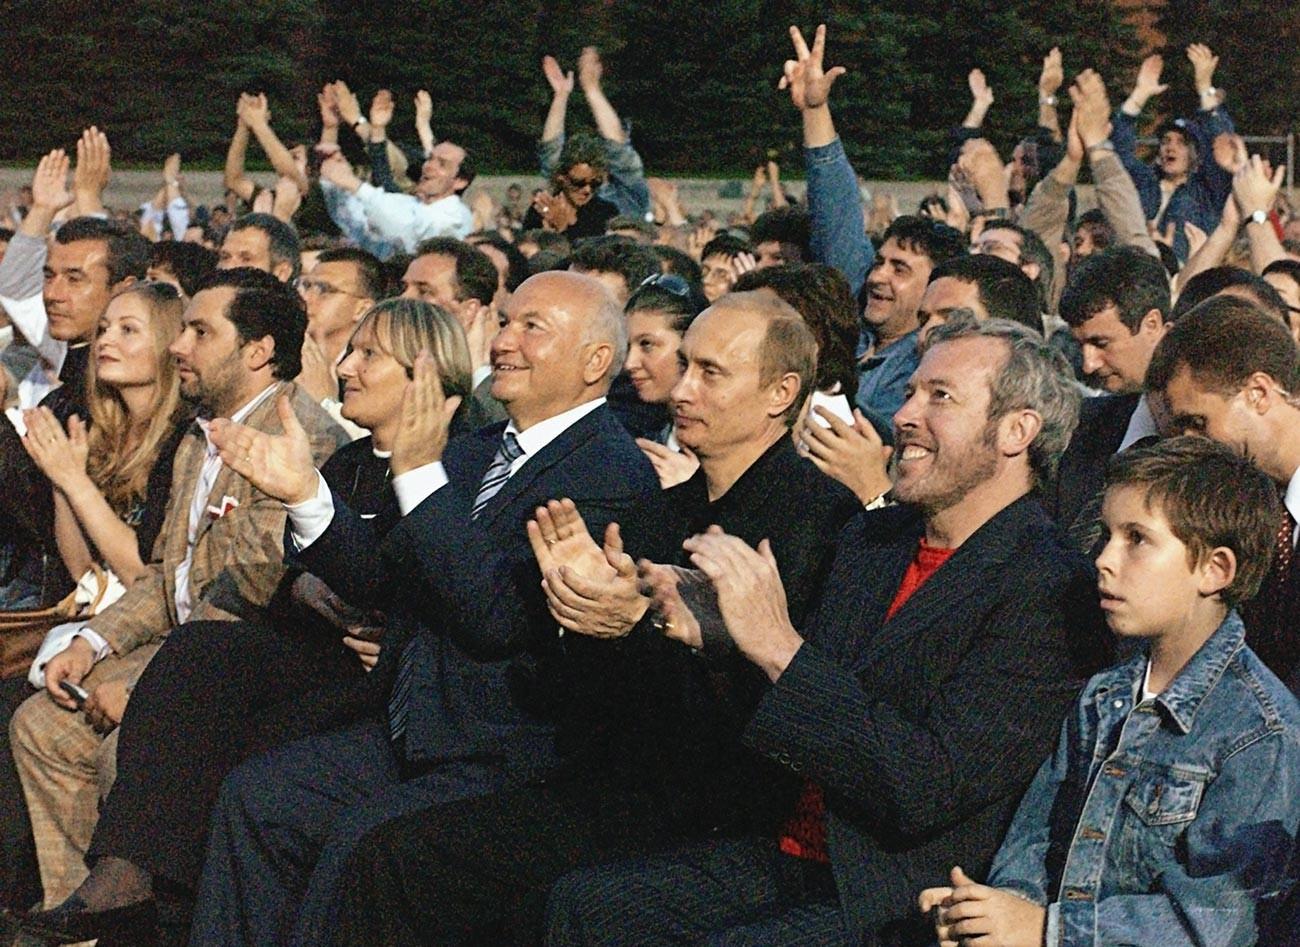 Na sliki od leve proti desni: Jurij Lužkov (takratni župan Moskve), Vladimir Putin in znani ruski rock glasbenik Andrej Makarevič na koncertu McCartneyja na Rdečem trgu